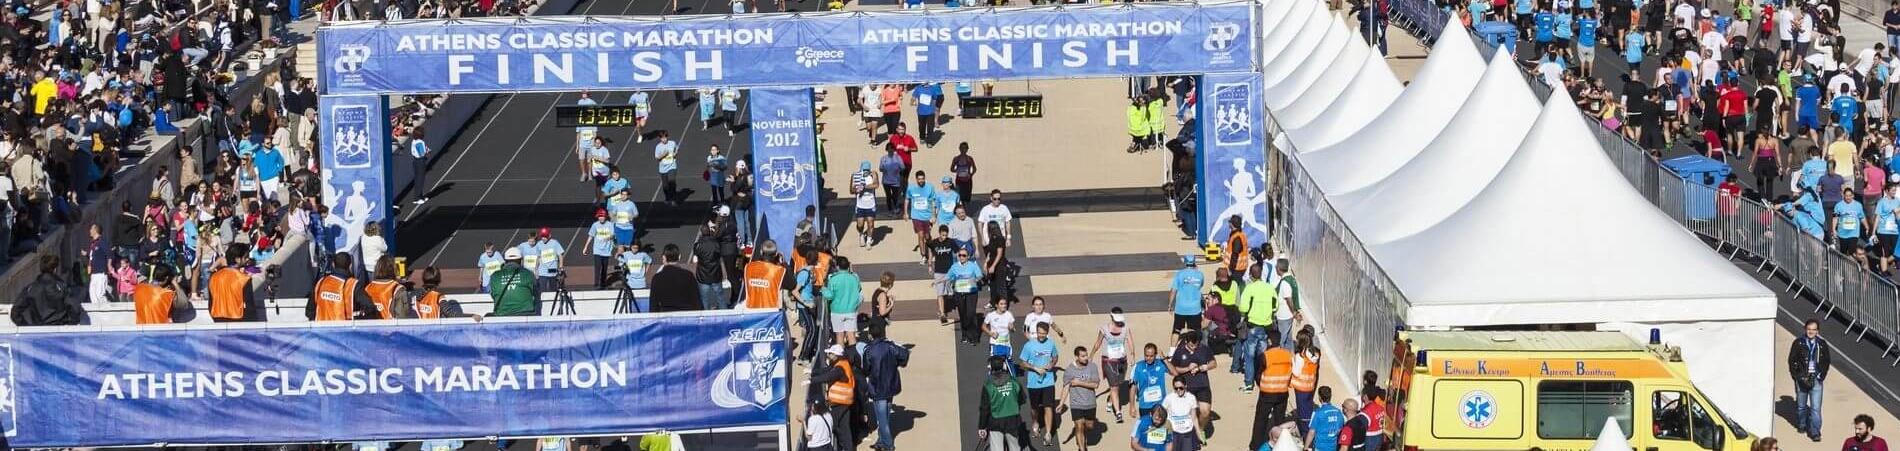 Athens-Marathon-authentic_2